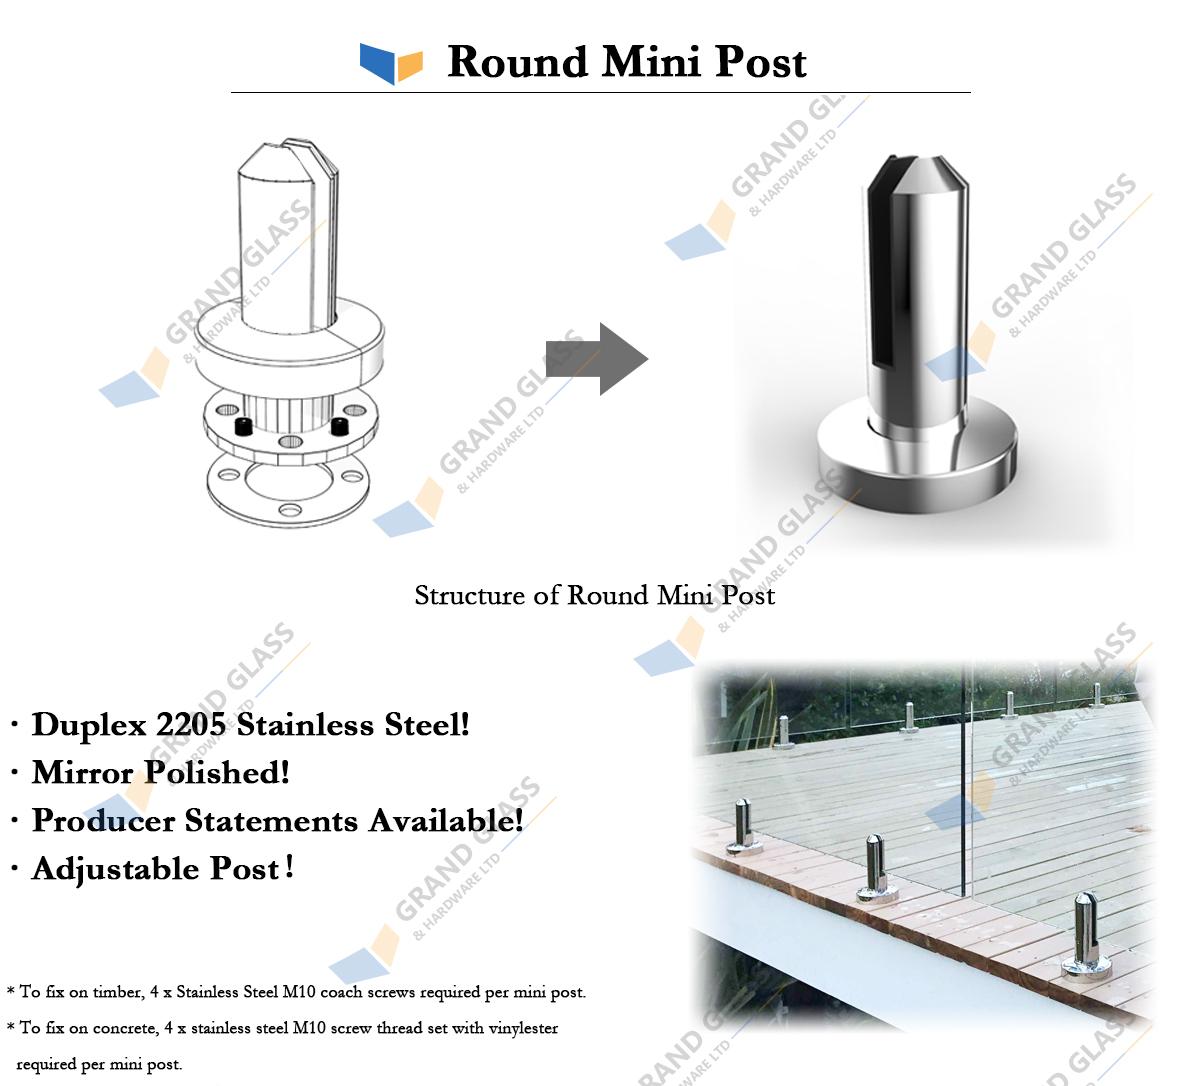 roundminipost.jpg